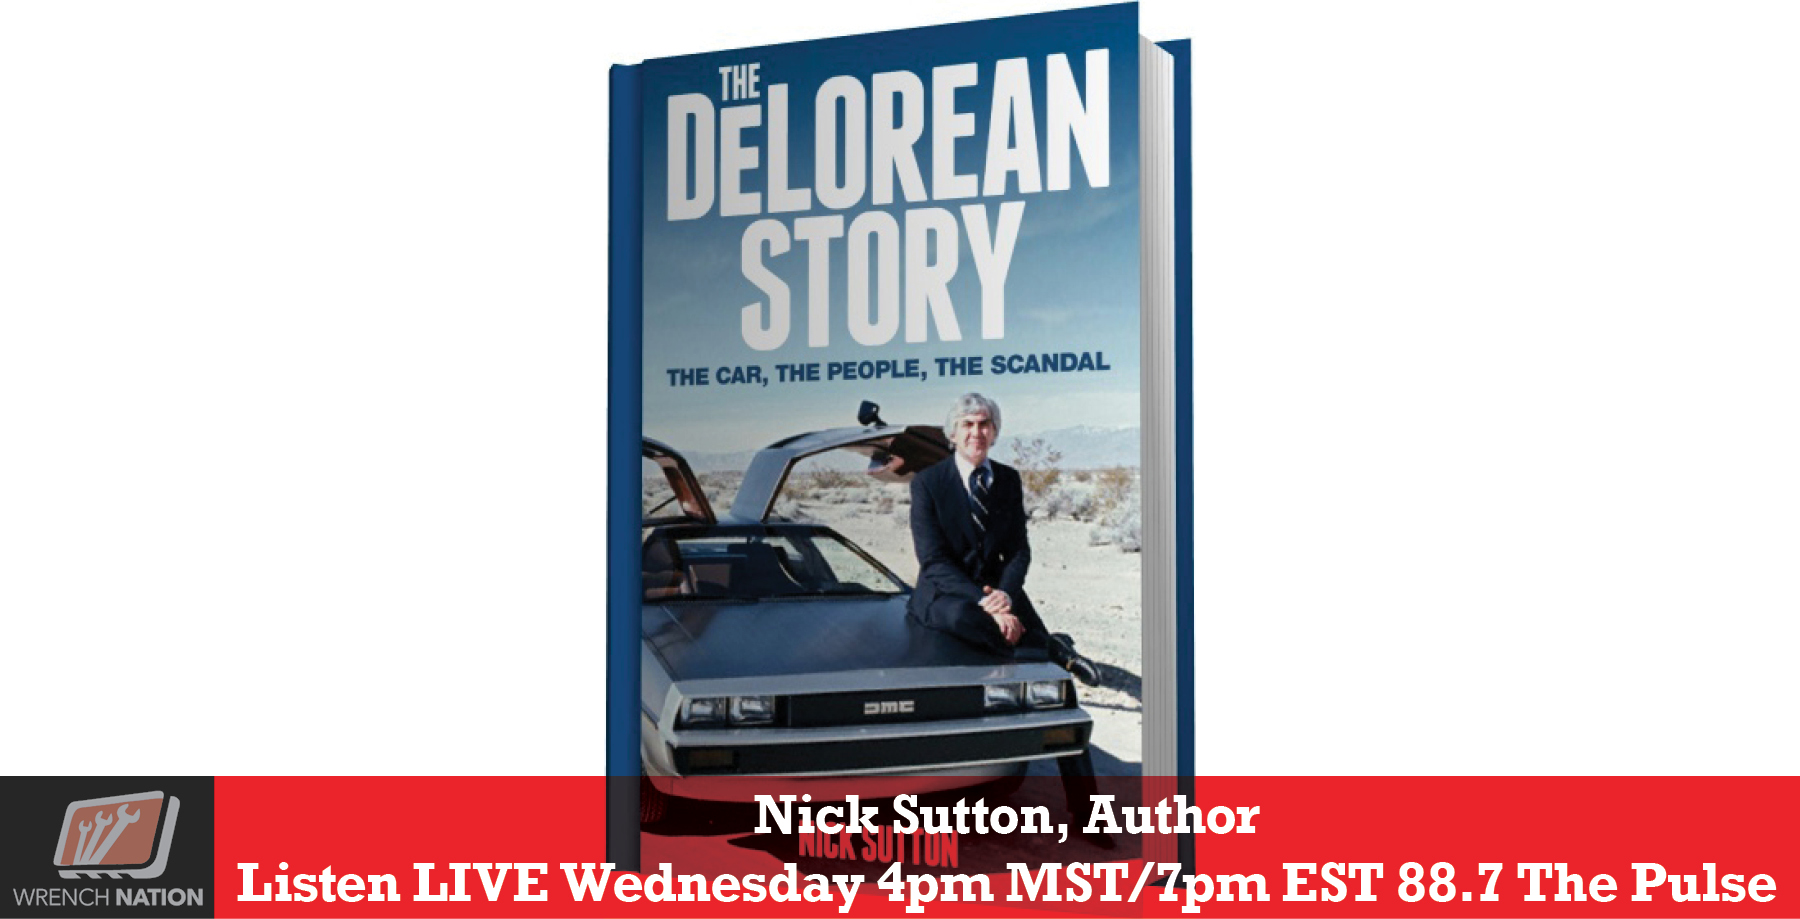 #158 Nick Sutton The DeLorean Story